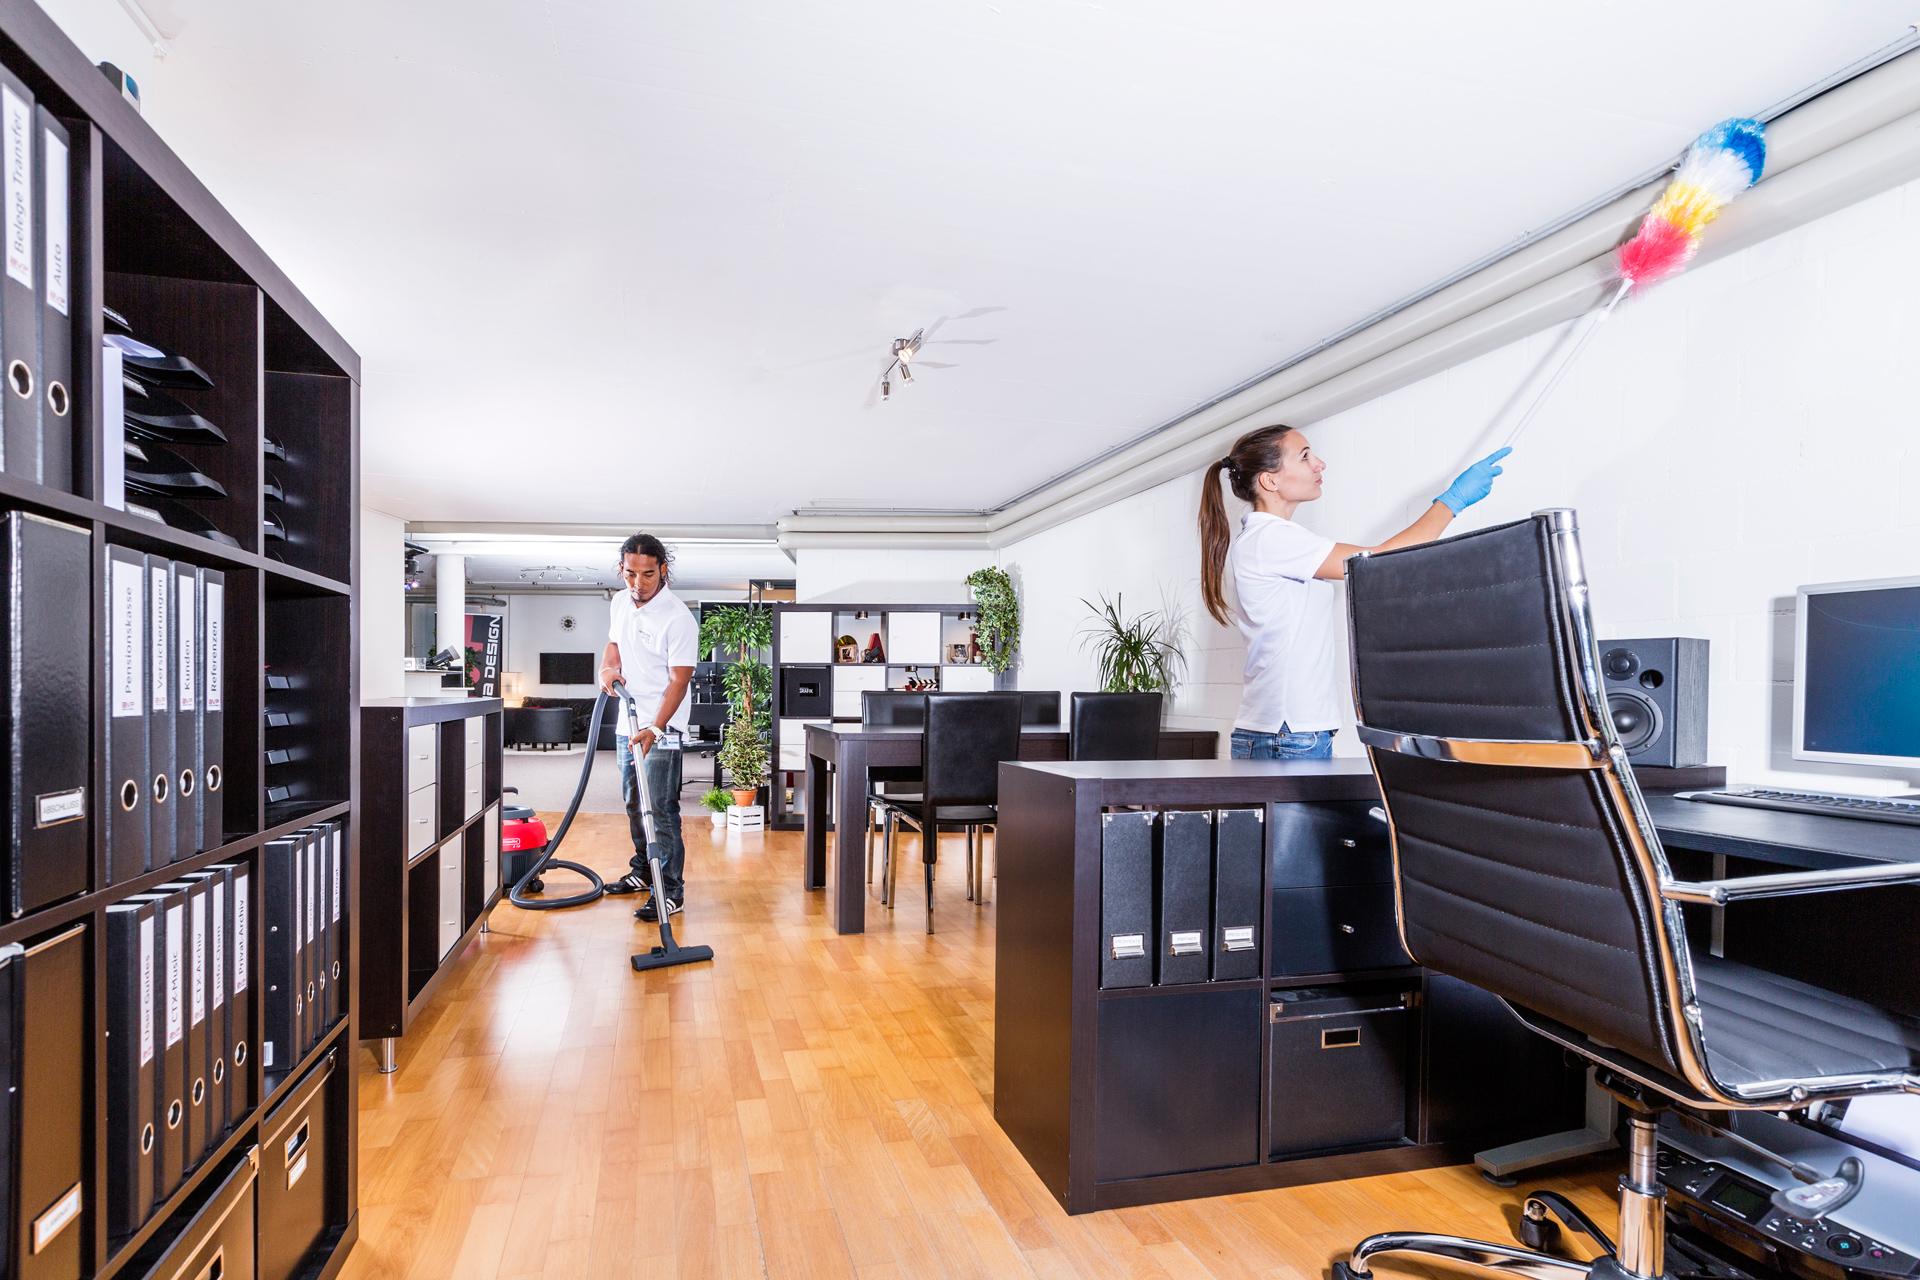 Limpieza de oficinas en valencia royalmediter for Limpieza oficinas